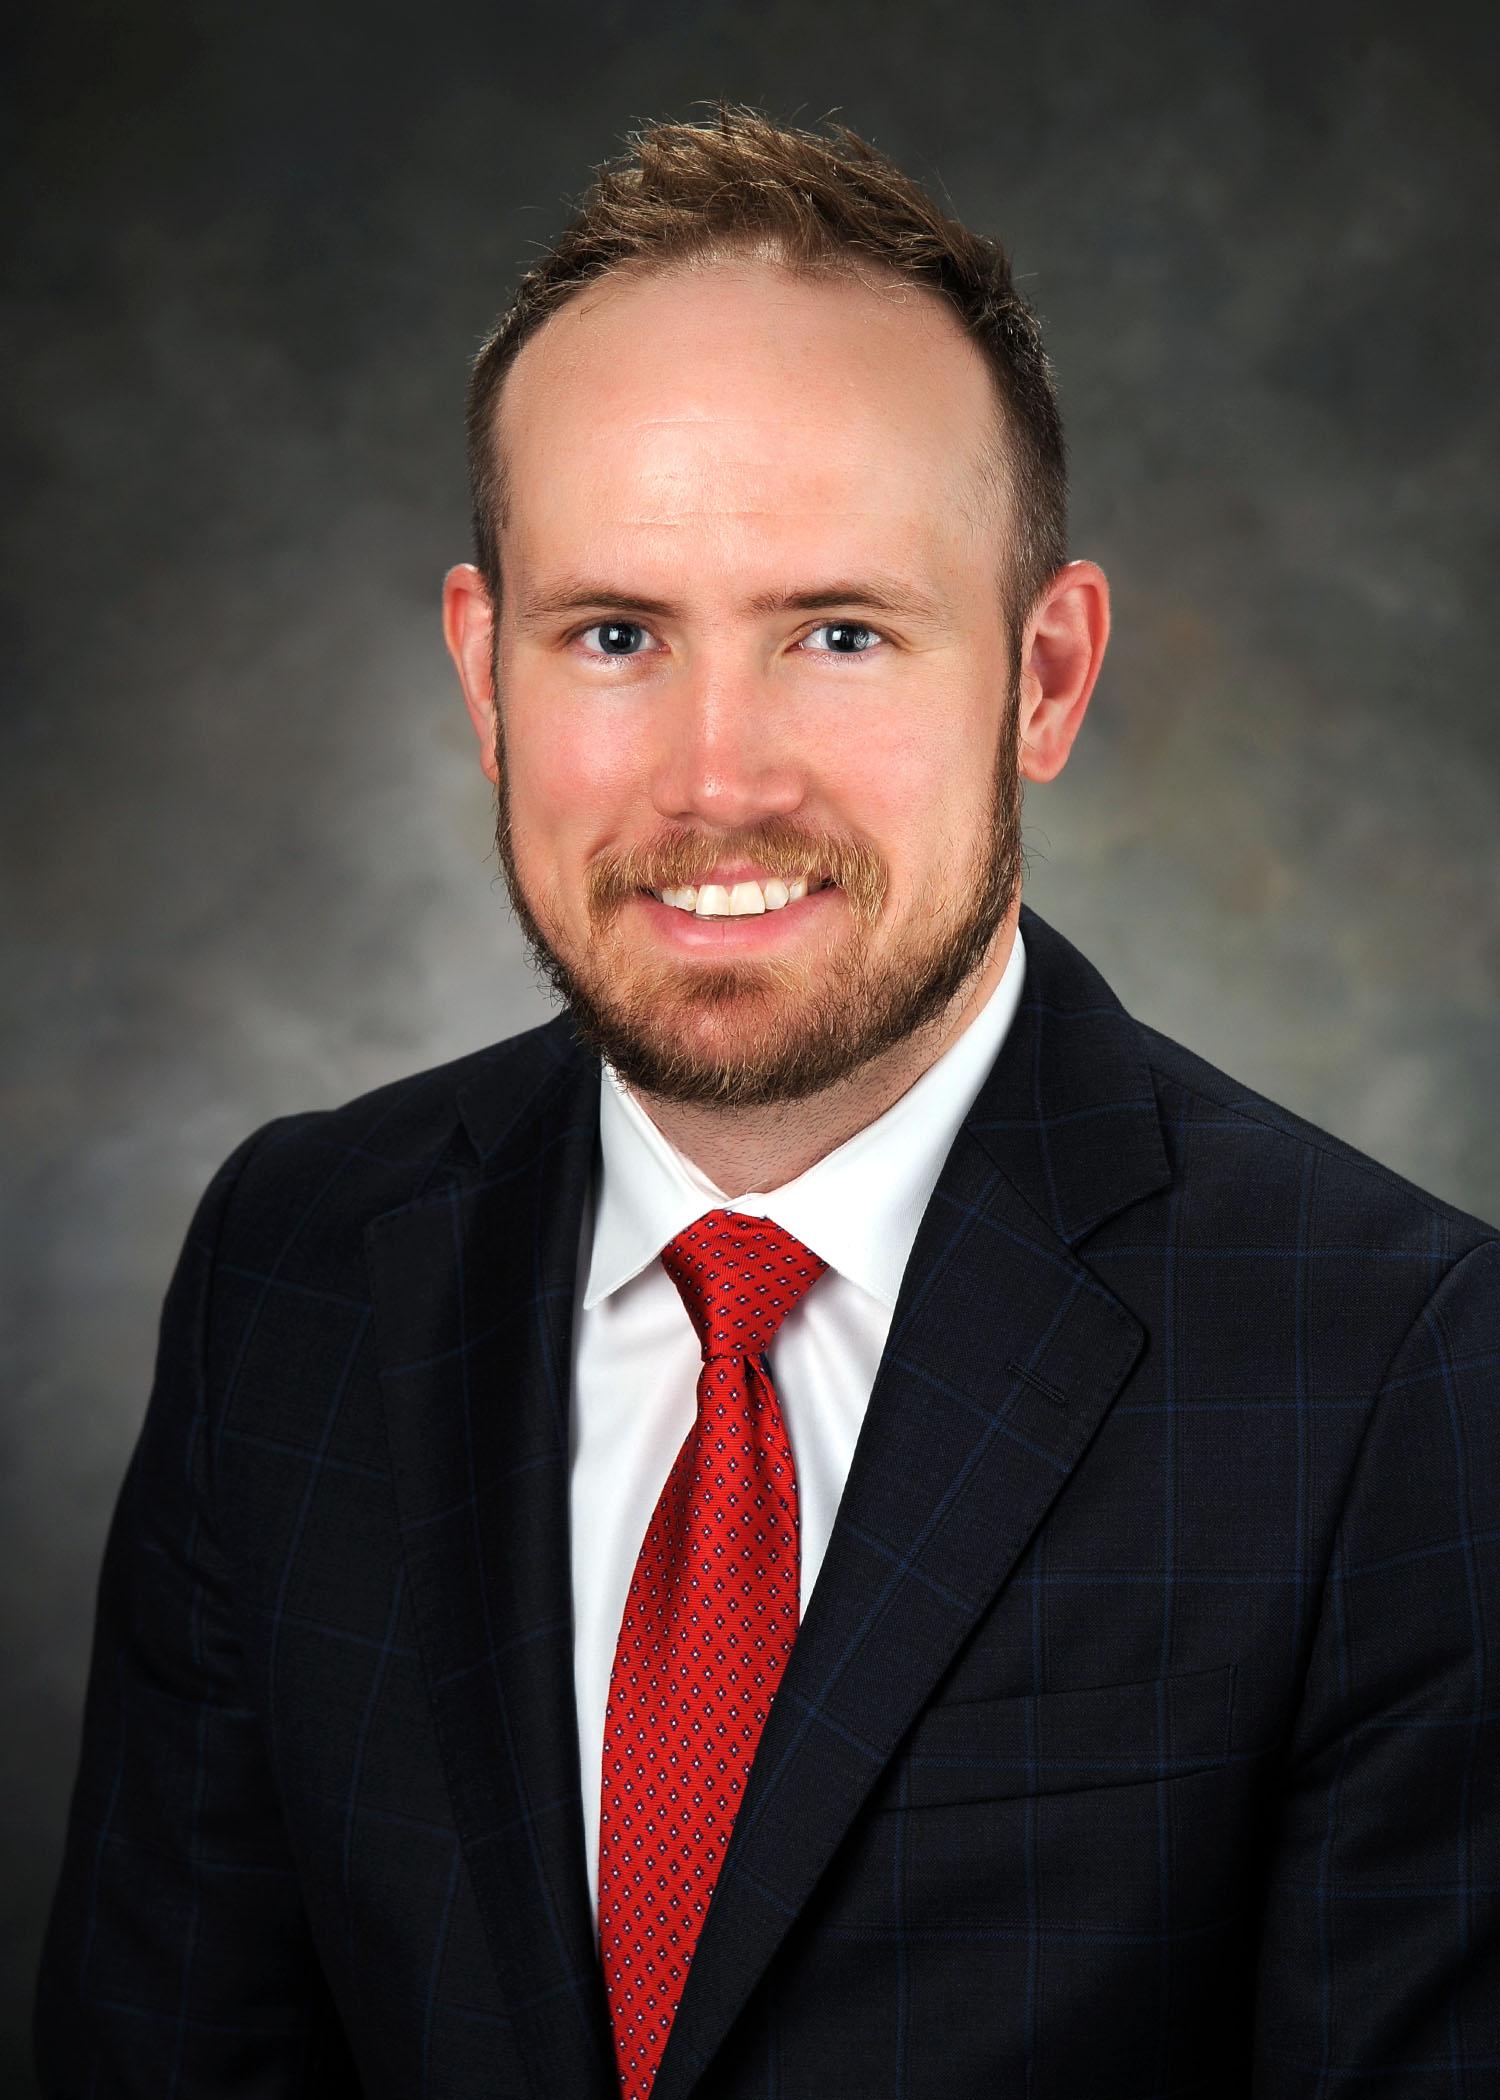 Chance M. Witt, MD